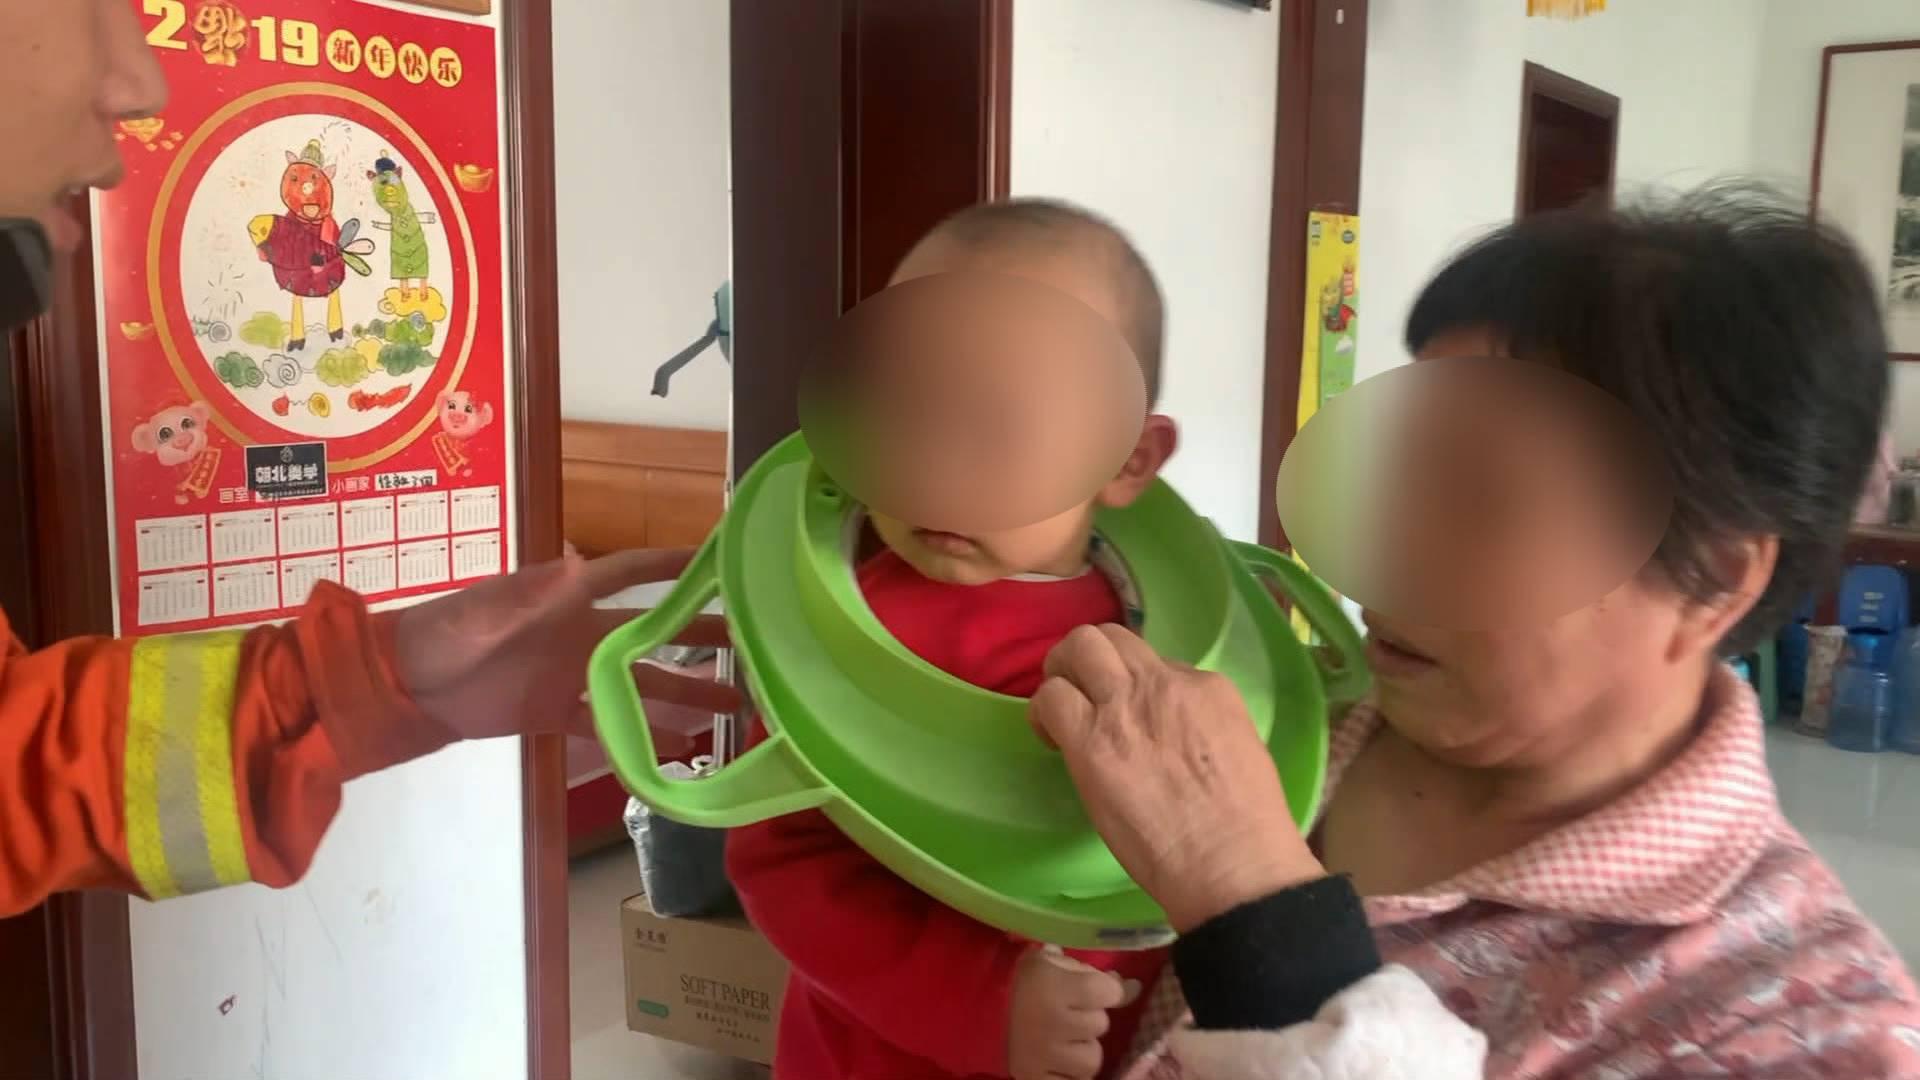 60秒|哭笑不得!淄博一幼儿被马桶圈套住颈部 消防15秒取下